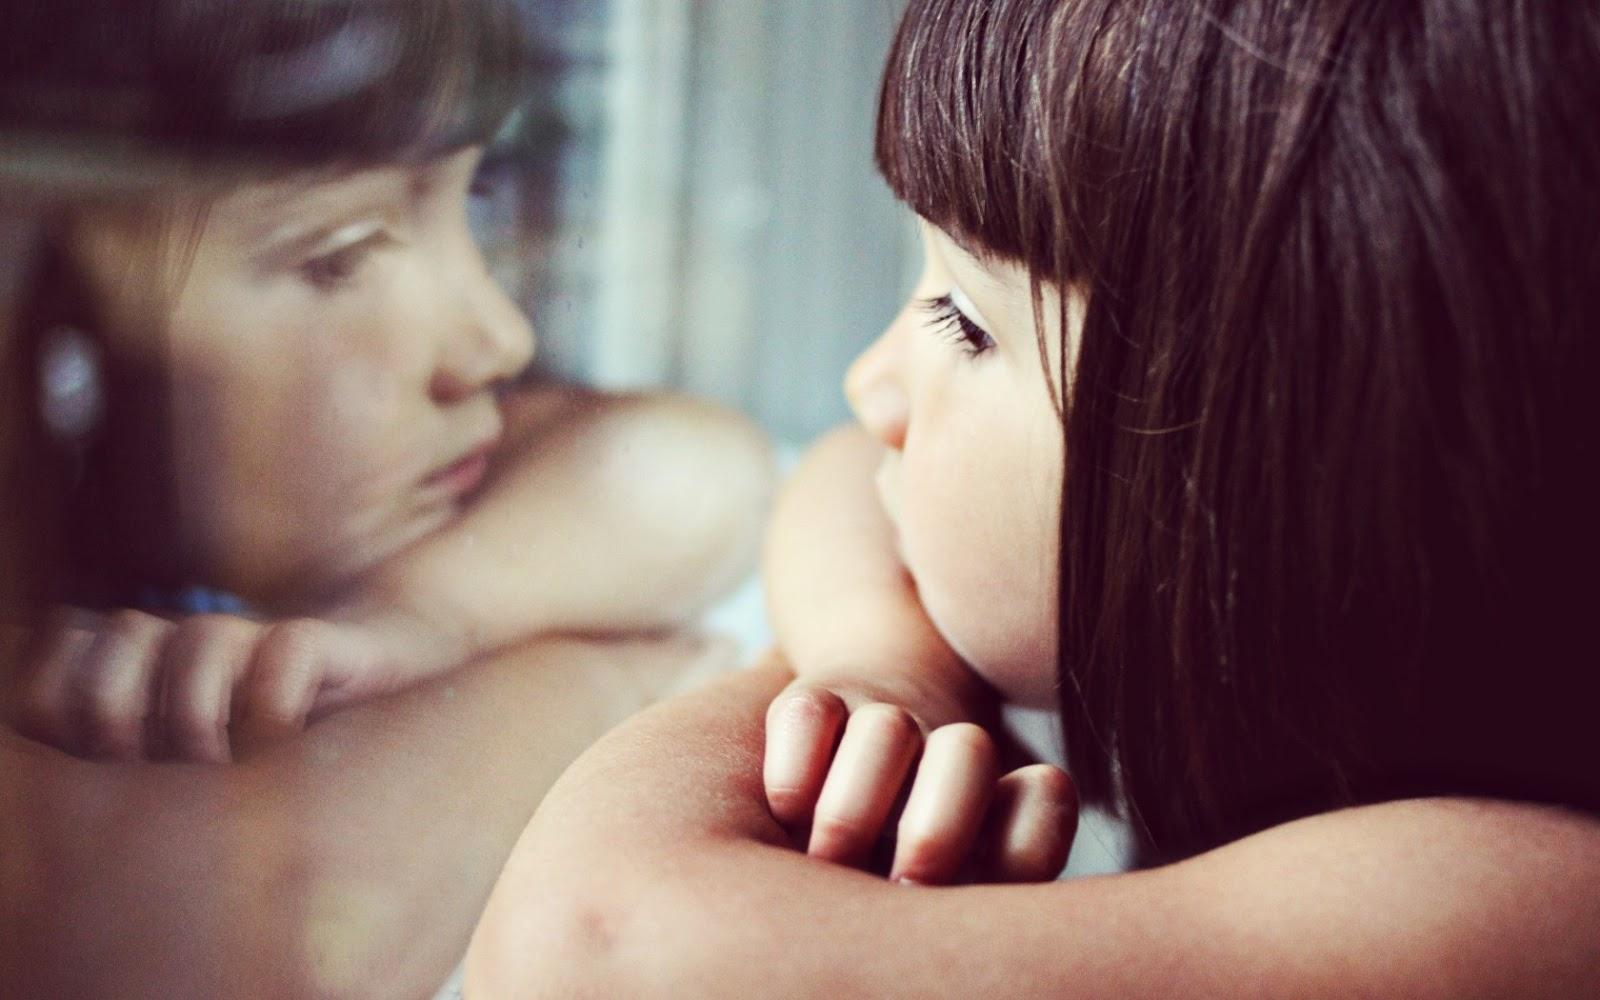 Ảnh cô gái vừa nghe nhạc vừa nhớ người yêu